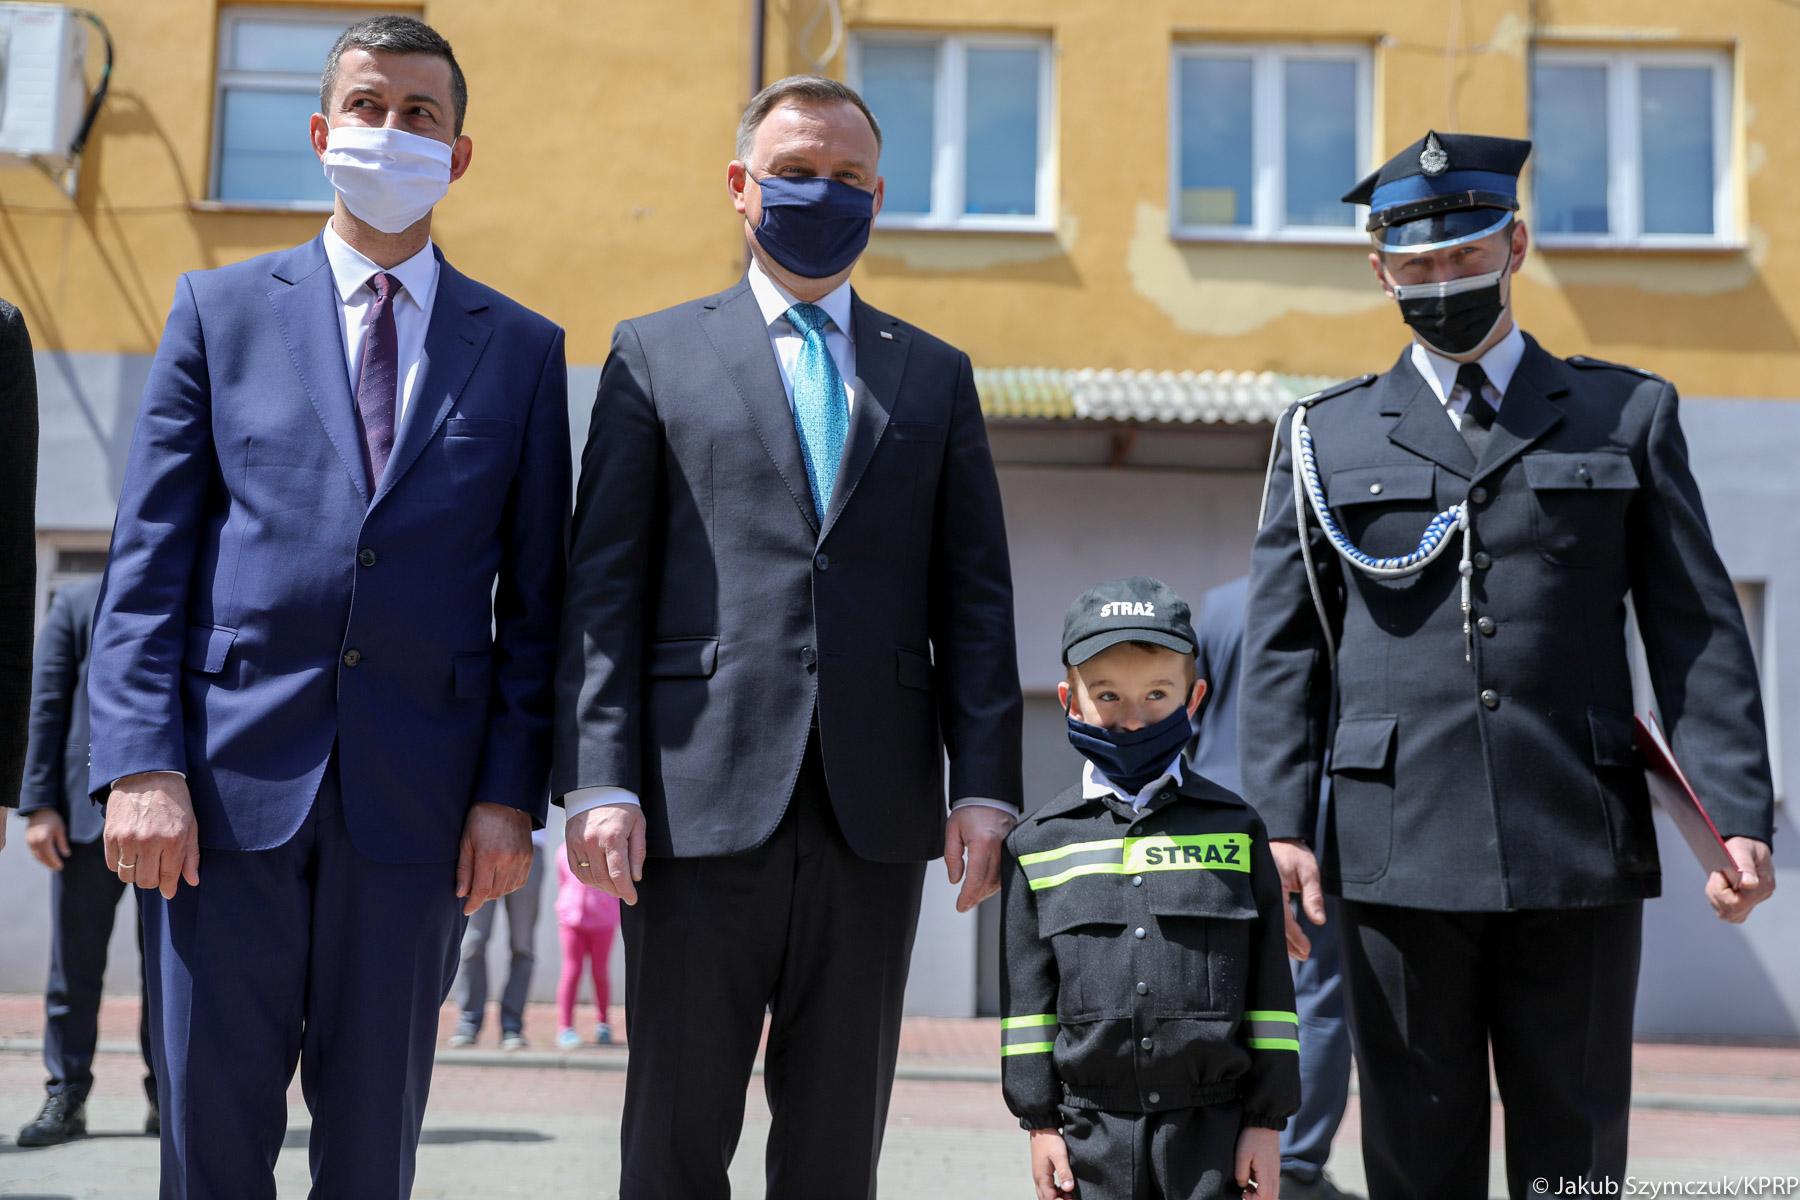 Wizyta Prezydenta w województwie podkarpackim [FOTO] - Zdjęcie główne